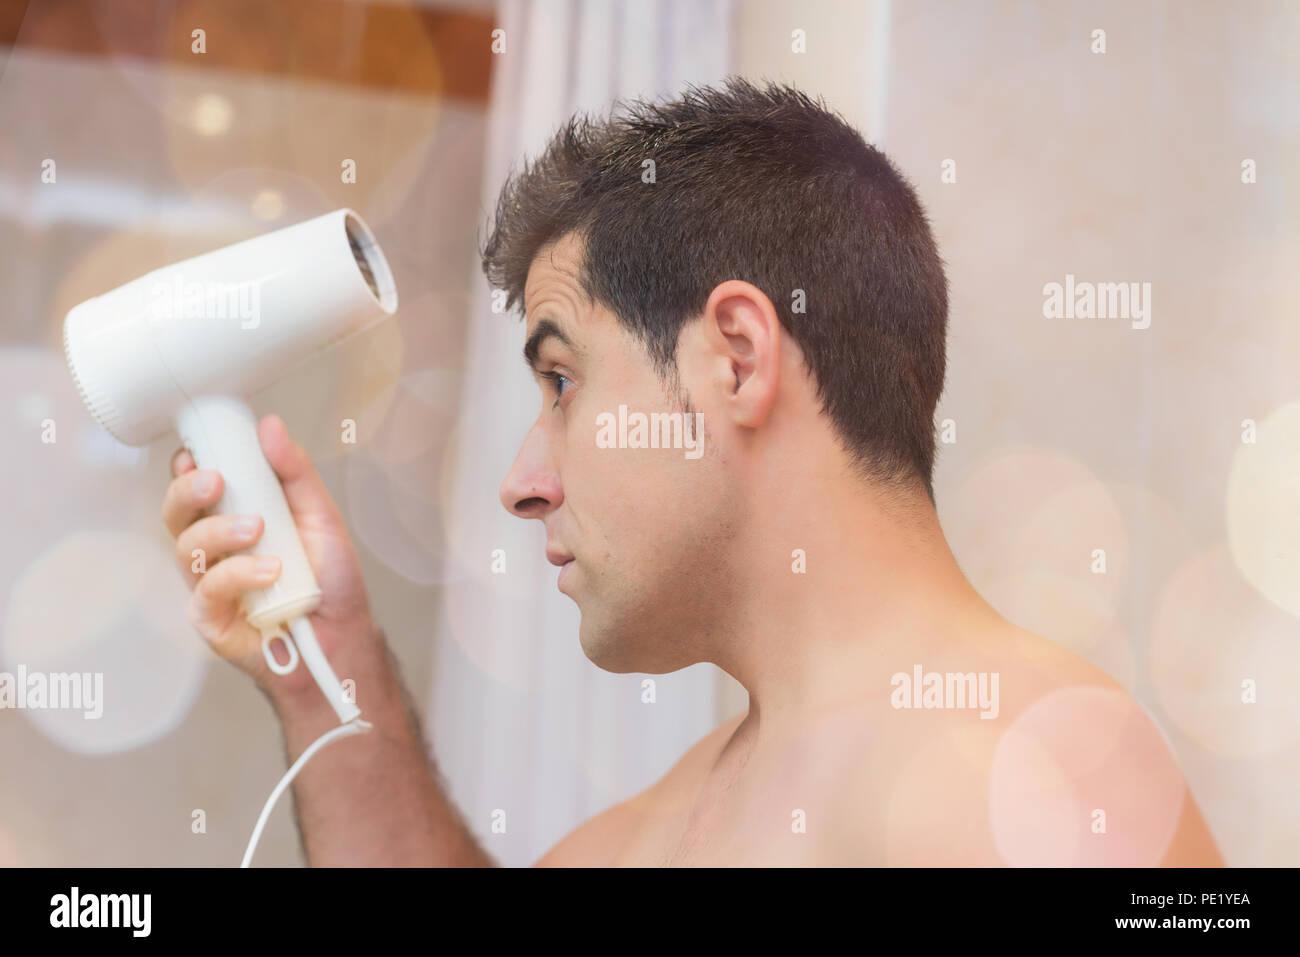 Schöner Mann sein Haar Trocknen mit einem Fön. Konzept Schönheit und Pflege des Menschen Stockbild